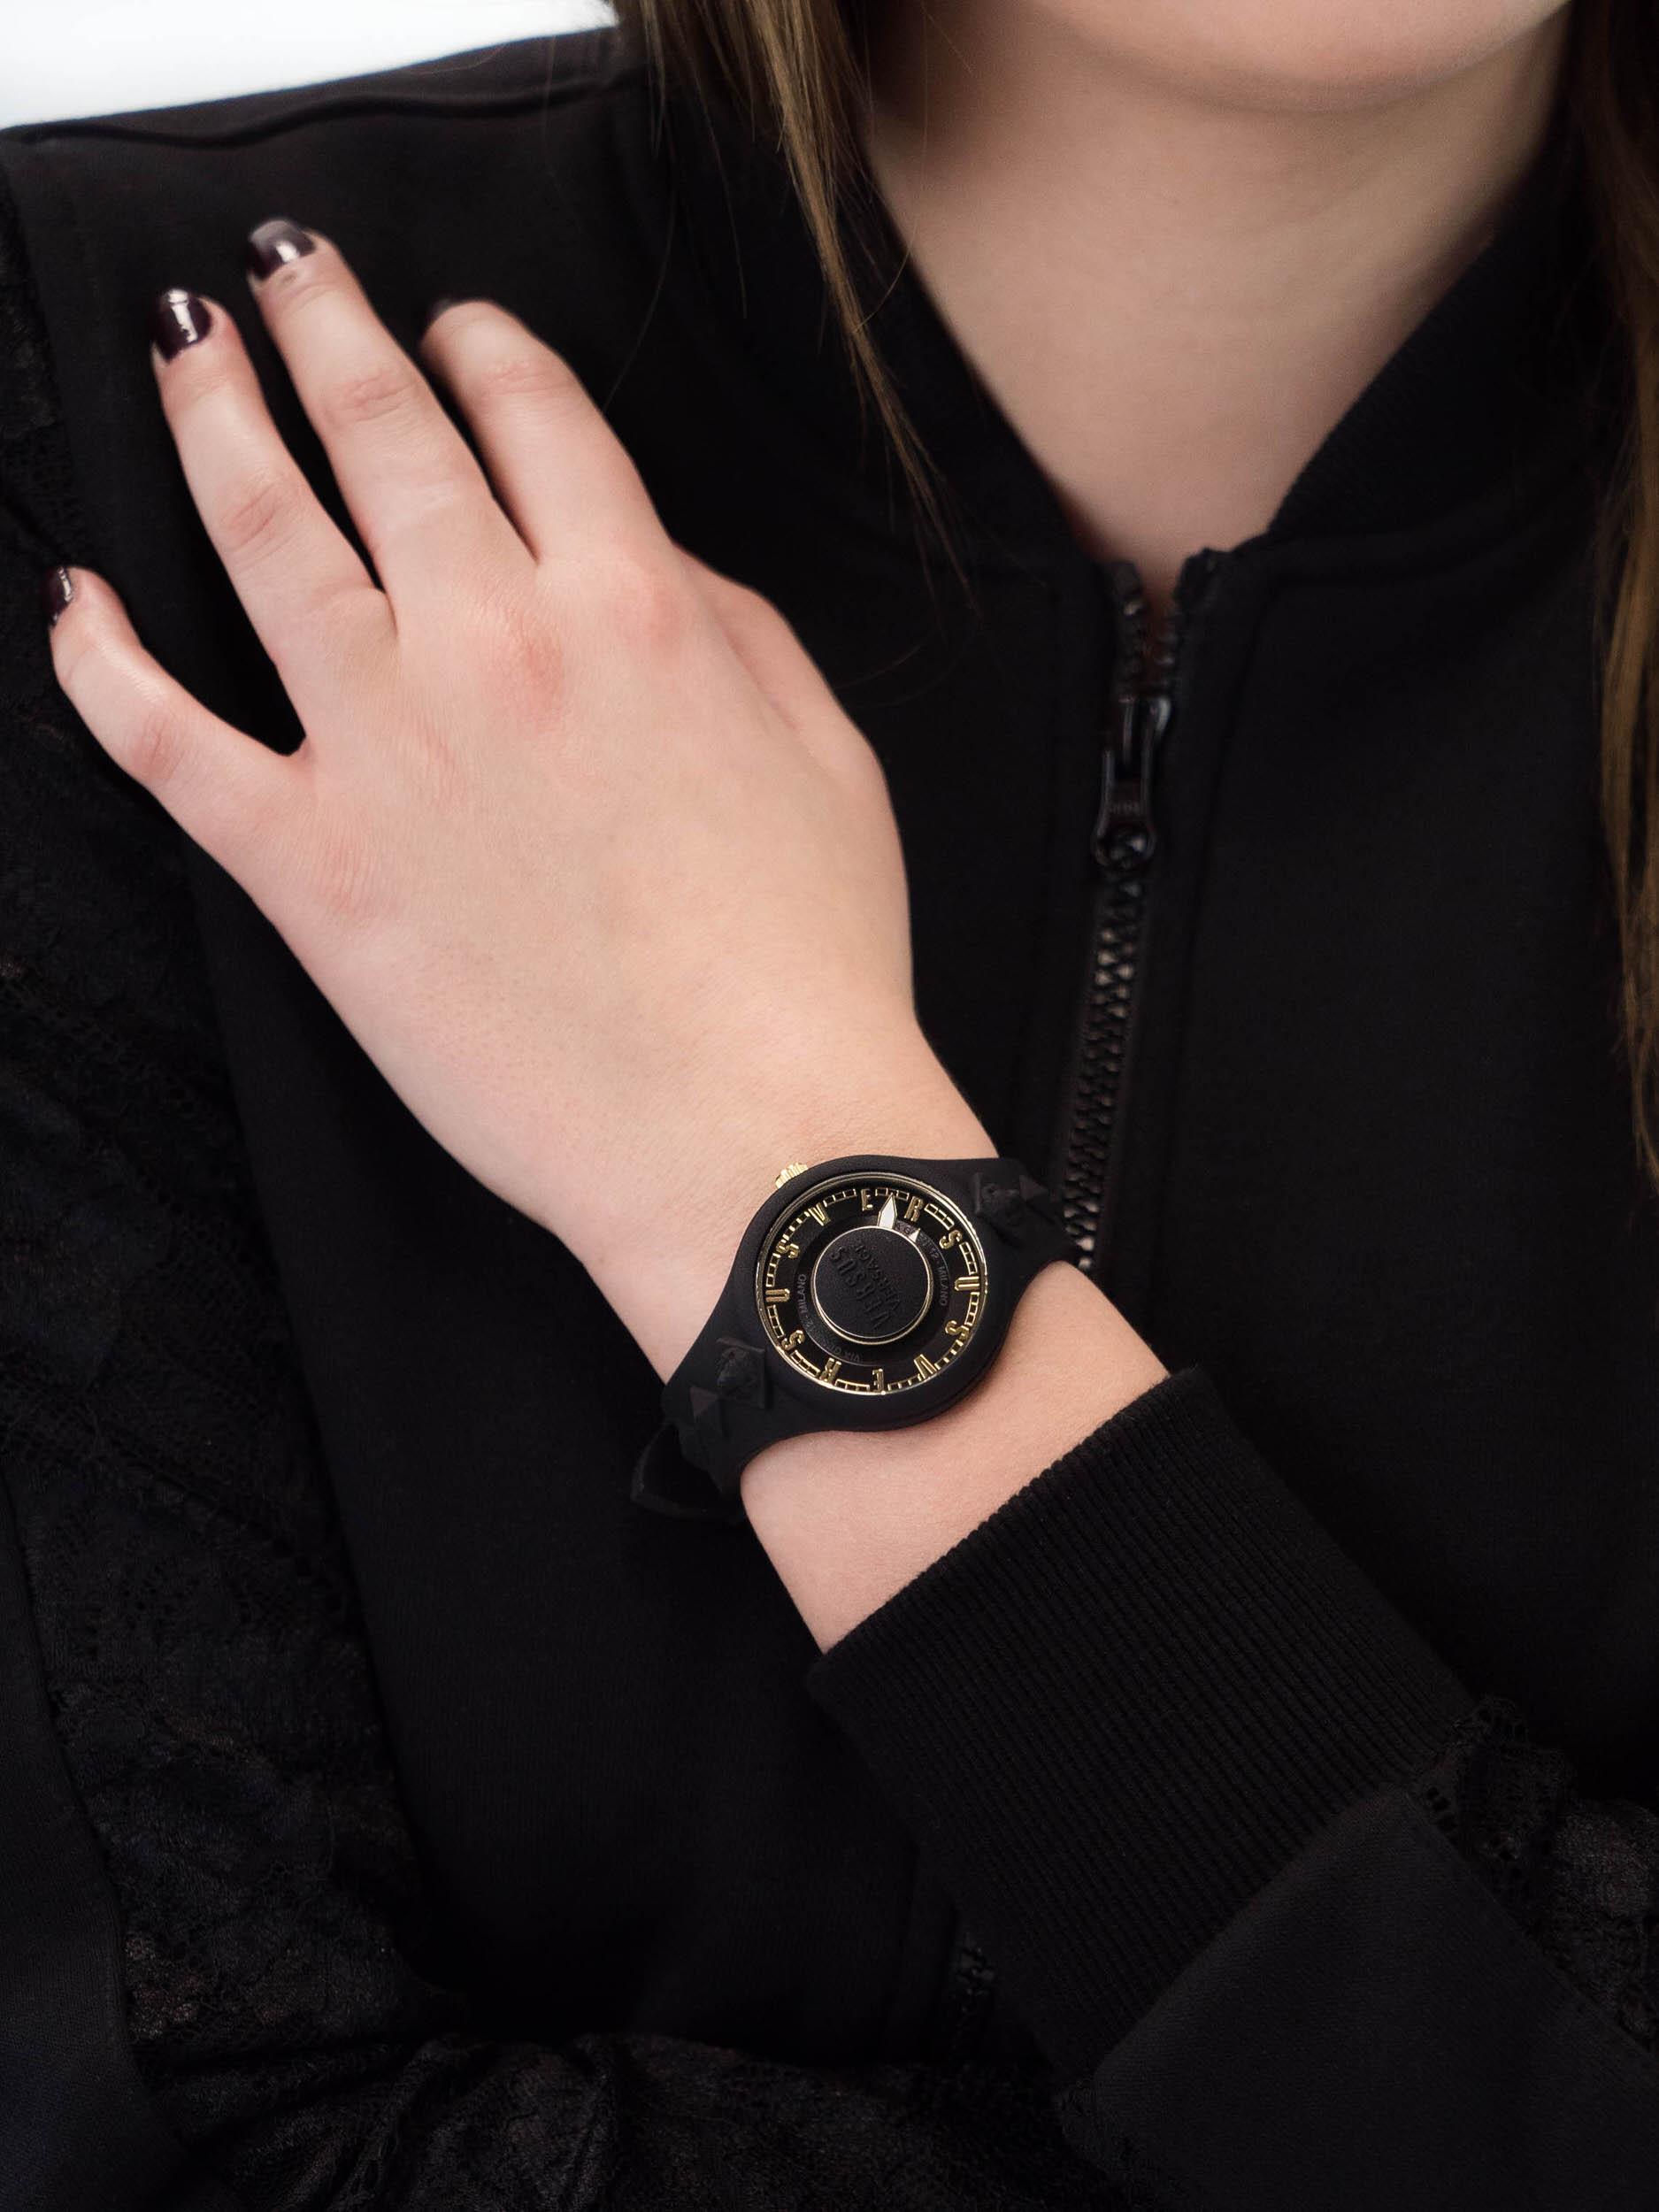 Versus Versace VSP1R0319 damski zegarek Damskie pasek